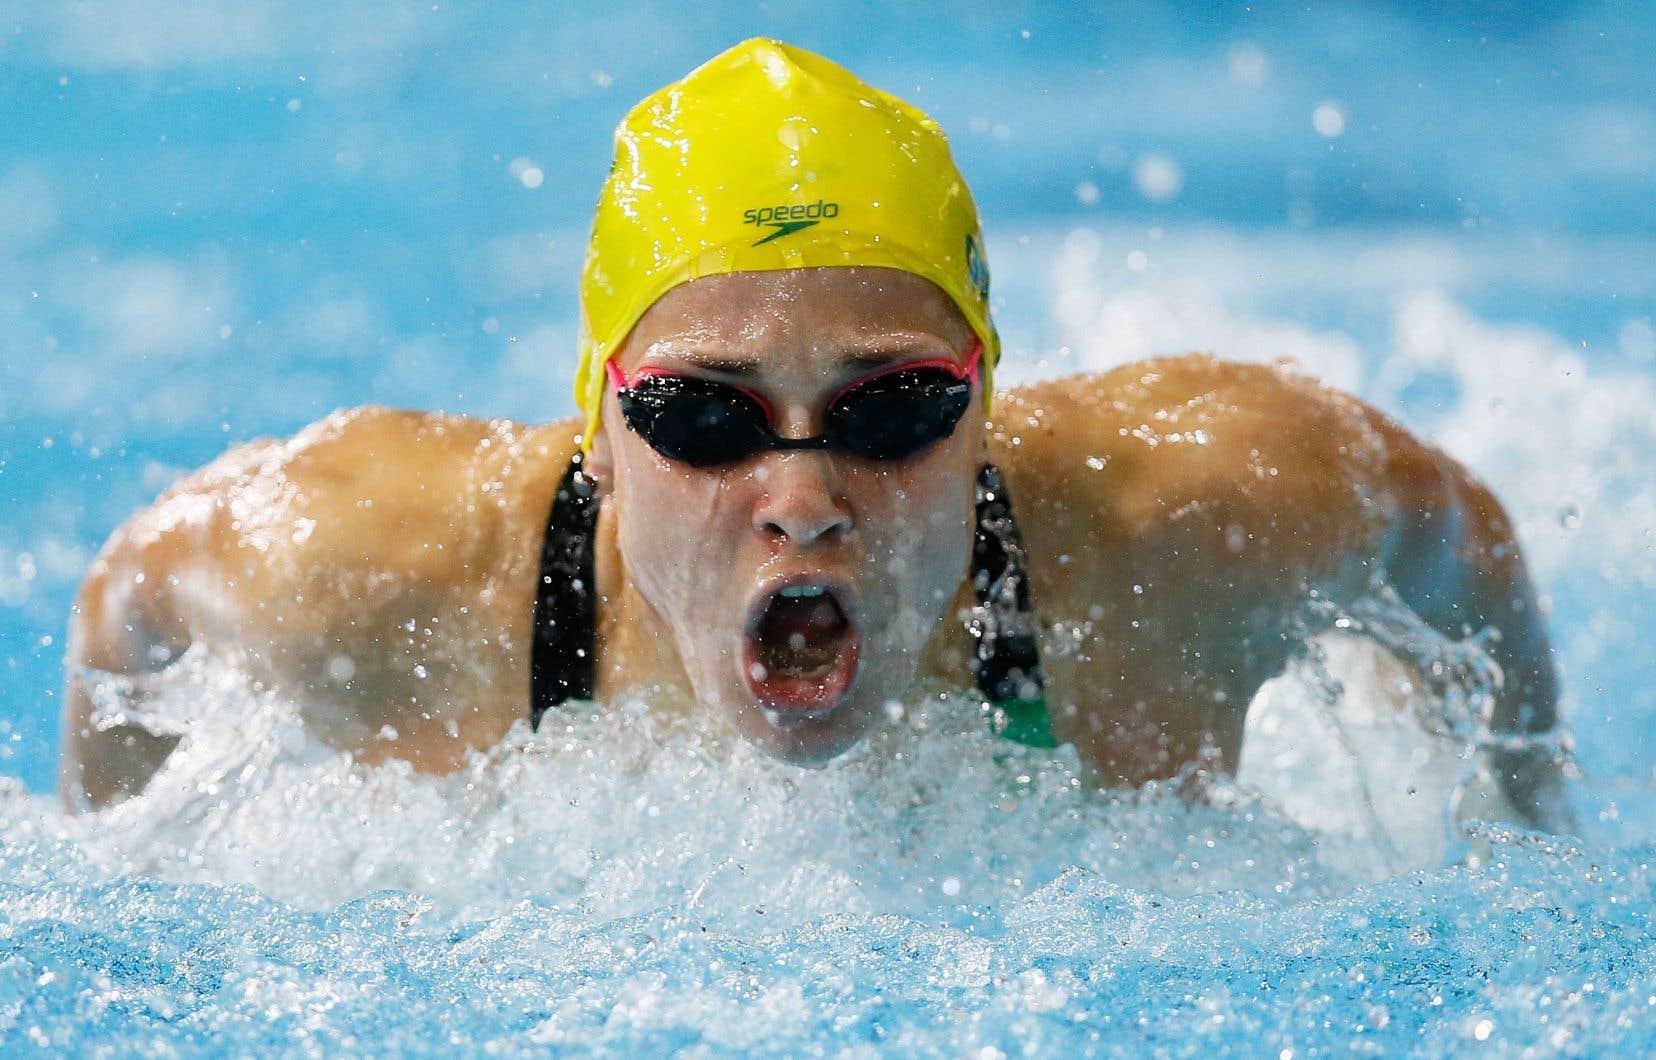 Maddie Groves, jeune femme de 26ans, est médaillée d'argent en 200 mètres papillon et en relais 4x100m aux Jeux de Rio de Janeiro en 2016.